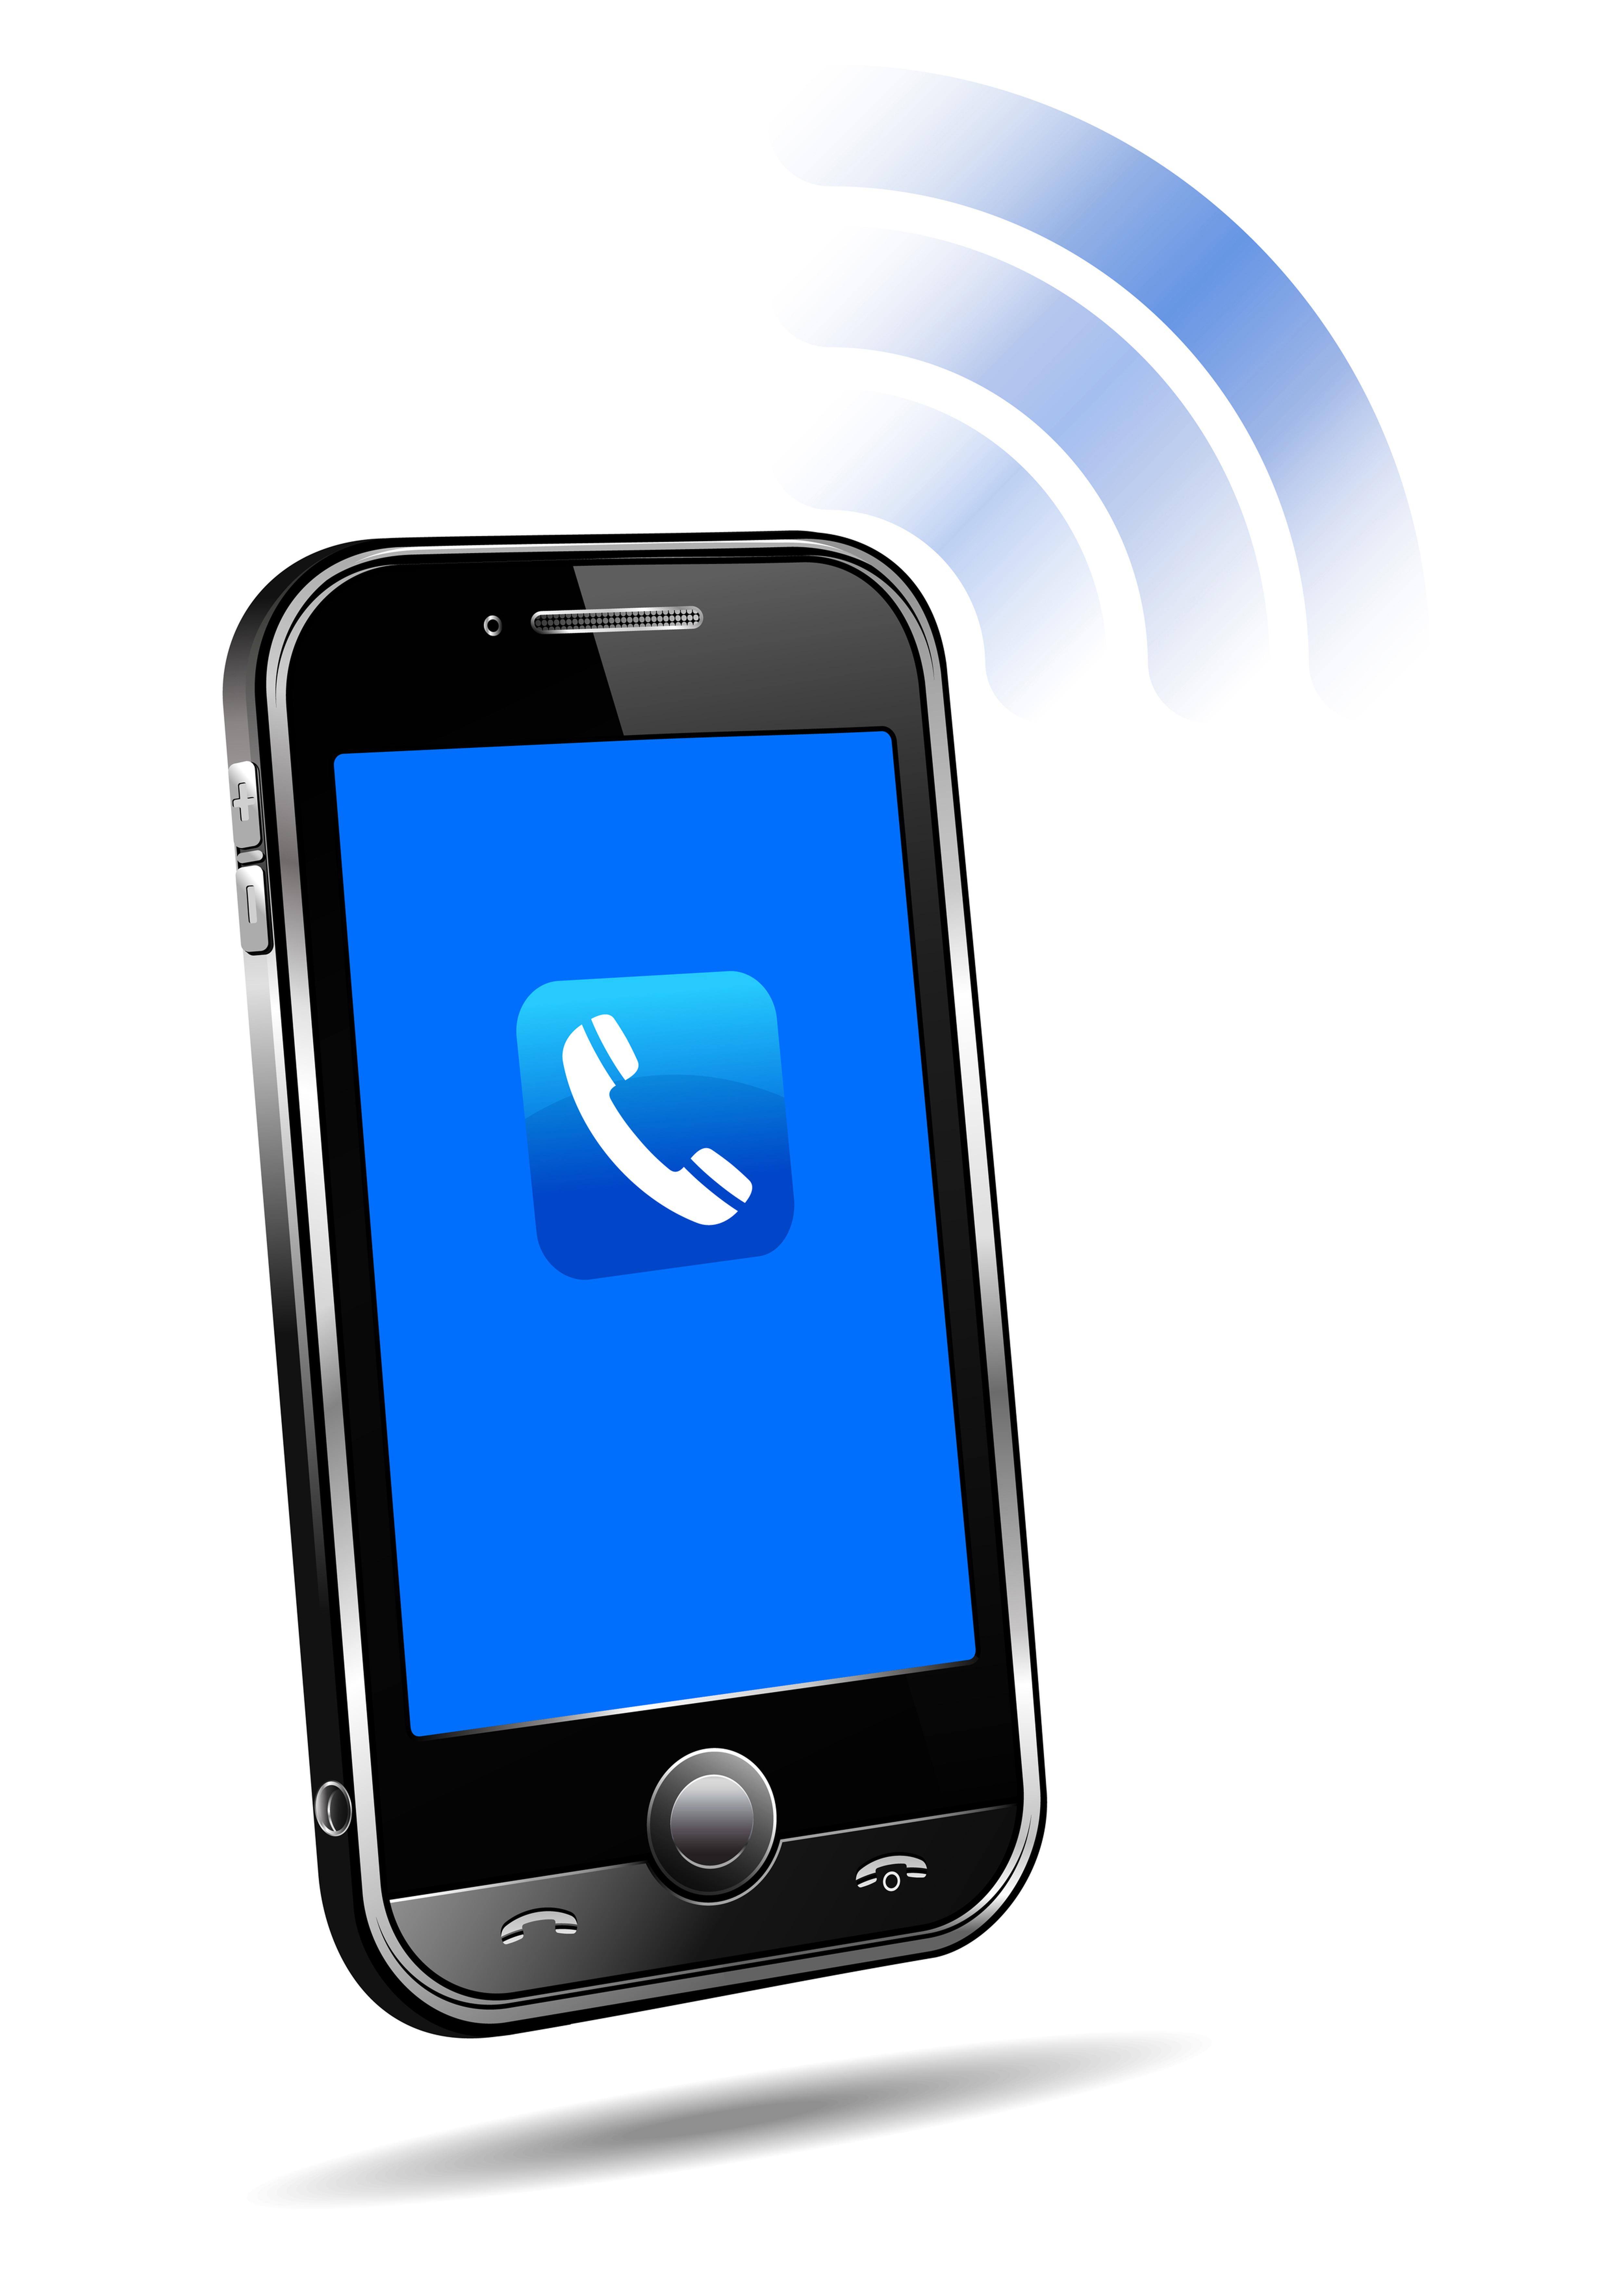 shutterstock_72832726_Cell Smart Phone Ringing Mobile